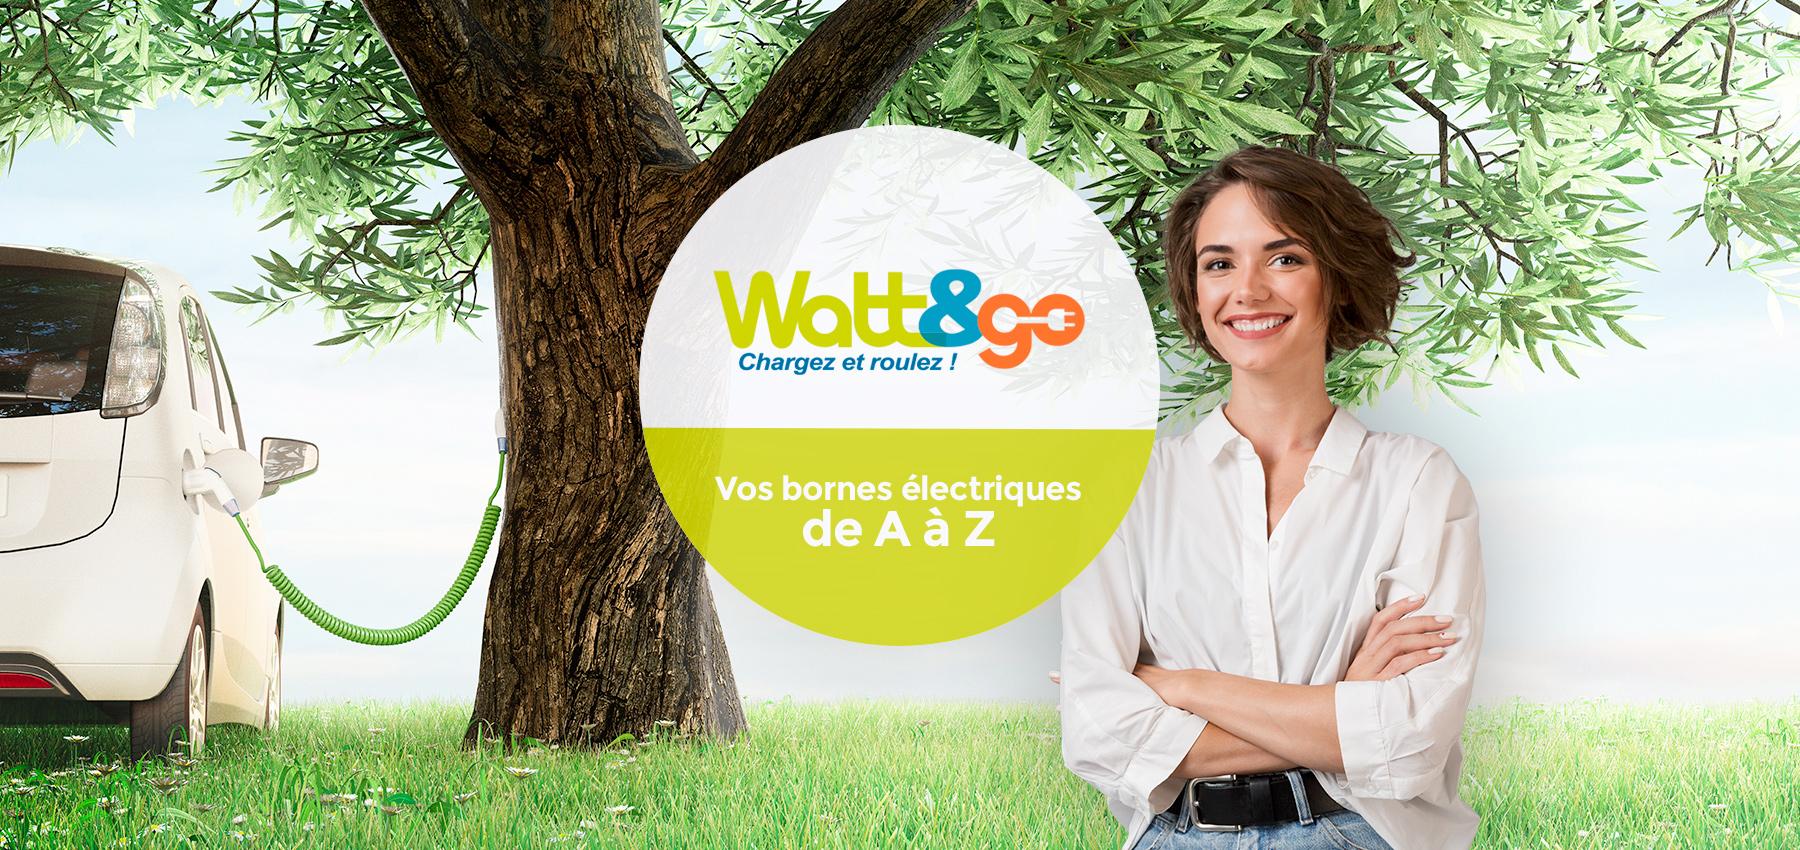 Watt&Go Chargez et roulez - Vos bornes électrique de A à Z